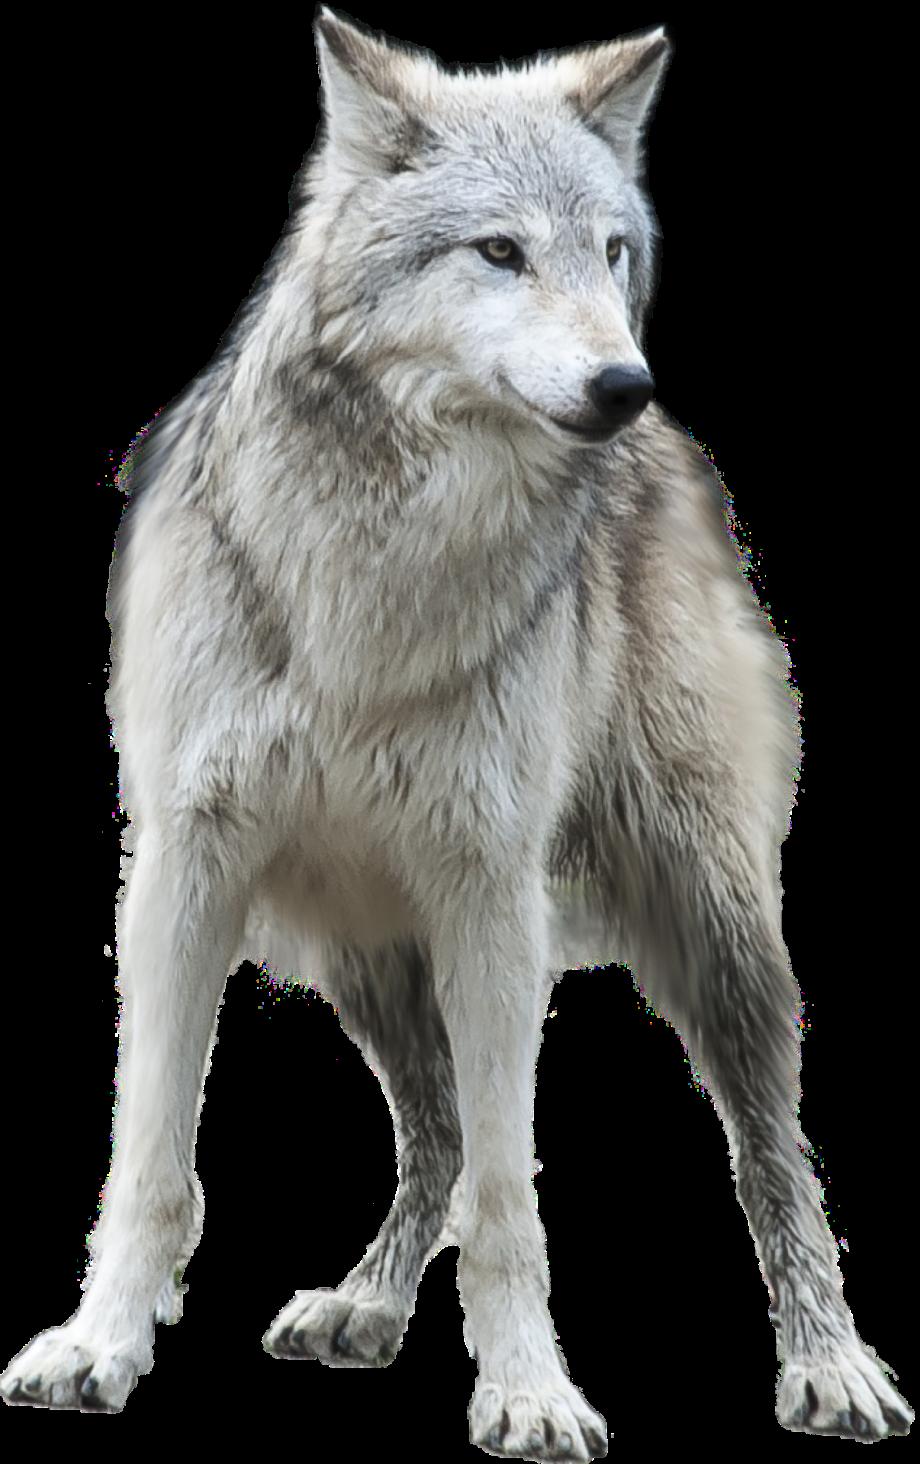 wolf-ga5f12d2fc_1920